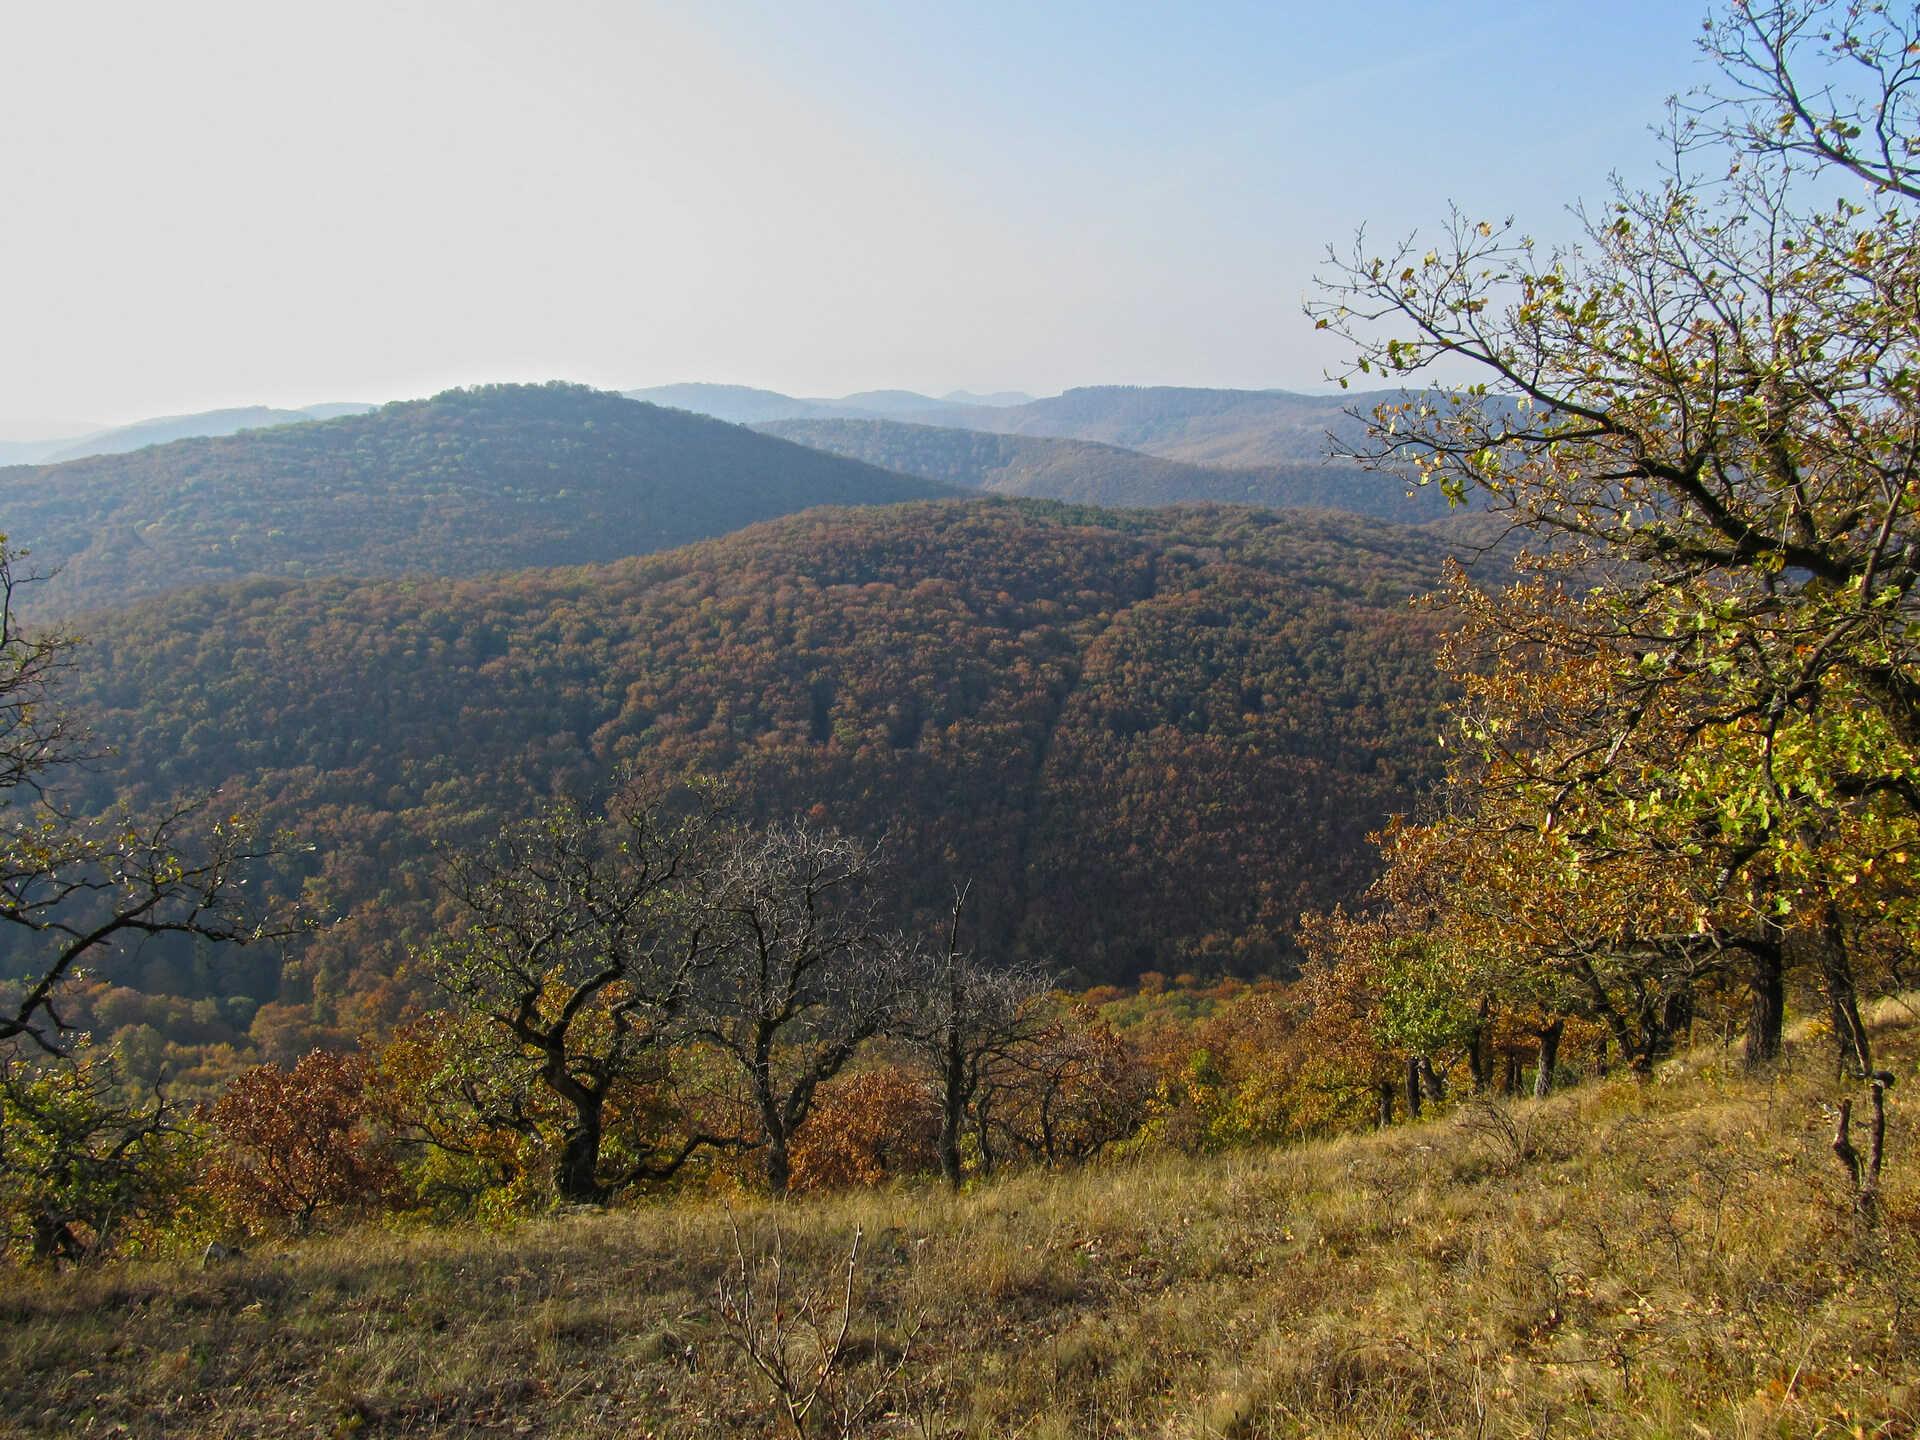 Túrázz a Magyar-hegyre, ha szereted a keményebb emelkedőket-2